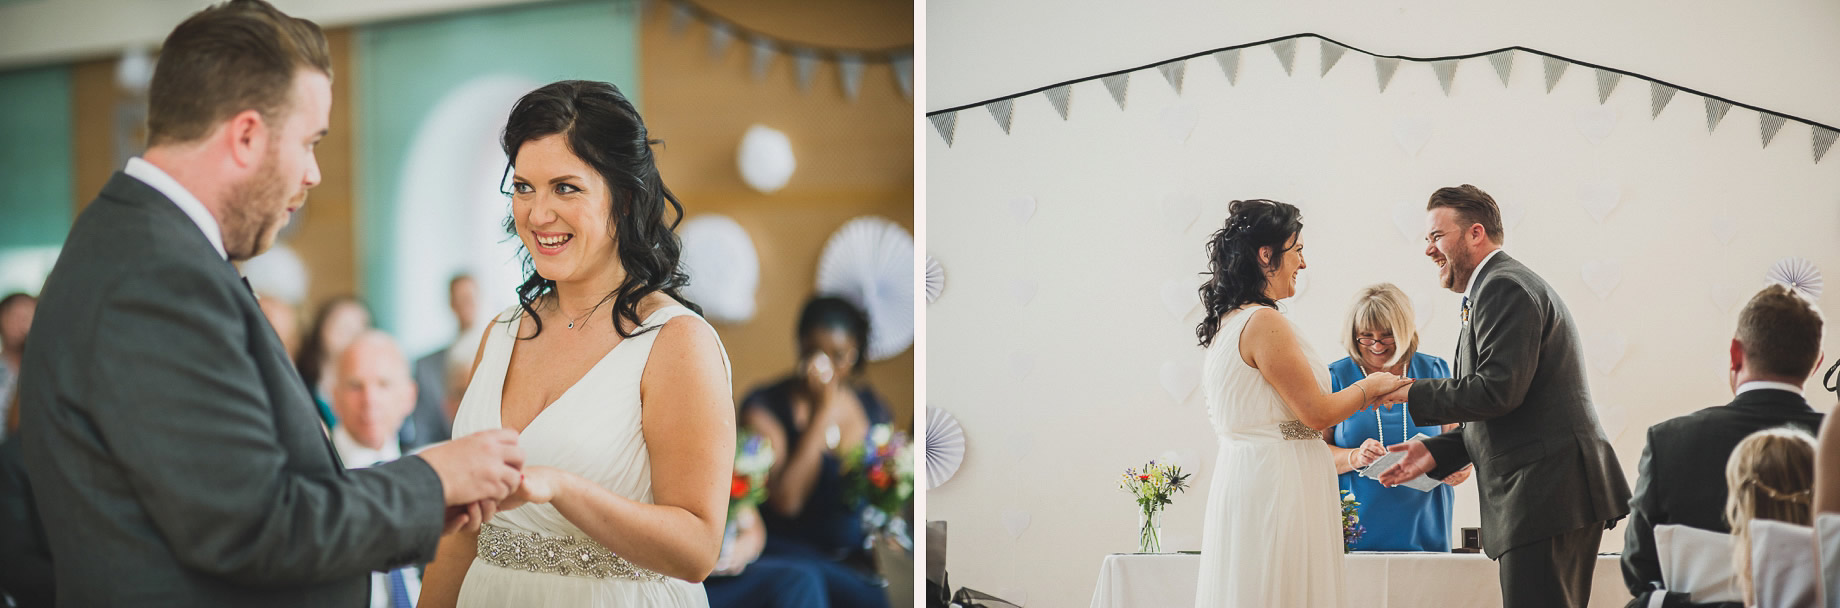 Becky and John's Wedding at Slaidburn Village Hall 086